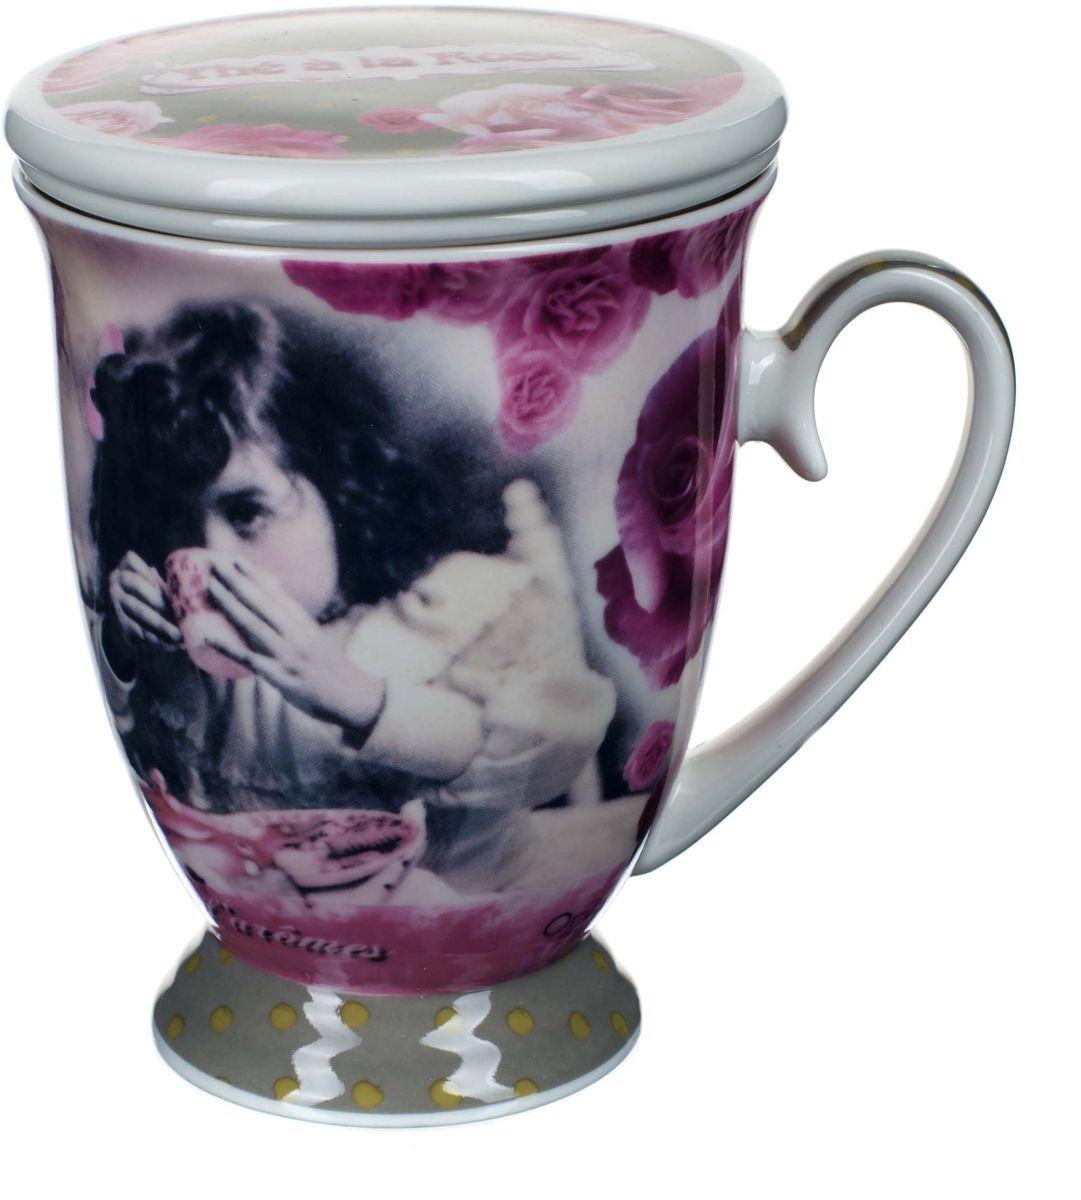 Кружка заварочная ORVAL Чай с розами, с фильтром, 2 предмета115510Для экономии времени была придумана заварочная кружка, с помощью которой можно удобно и быстро заварить чай. Она позволяет совмещать удобство и комфорт с полезностью и качеством.